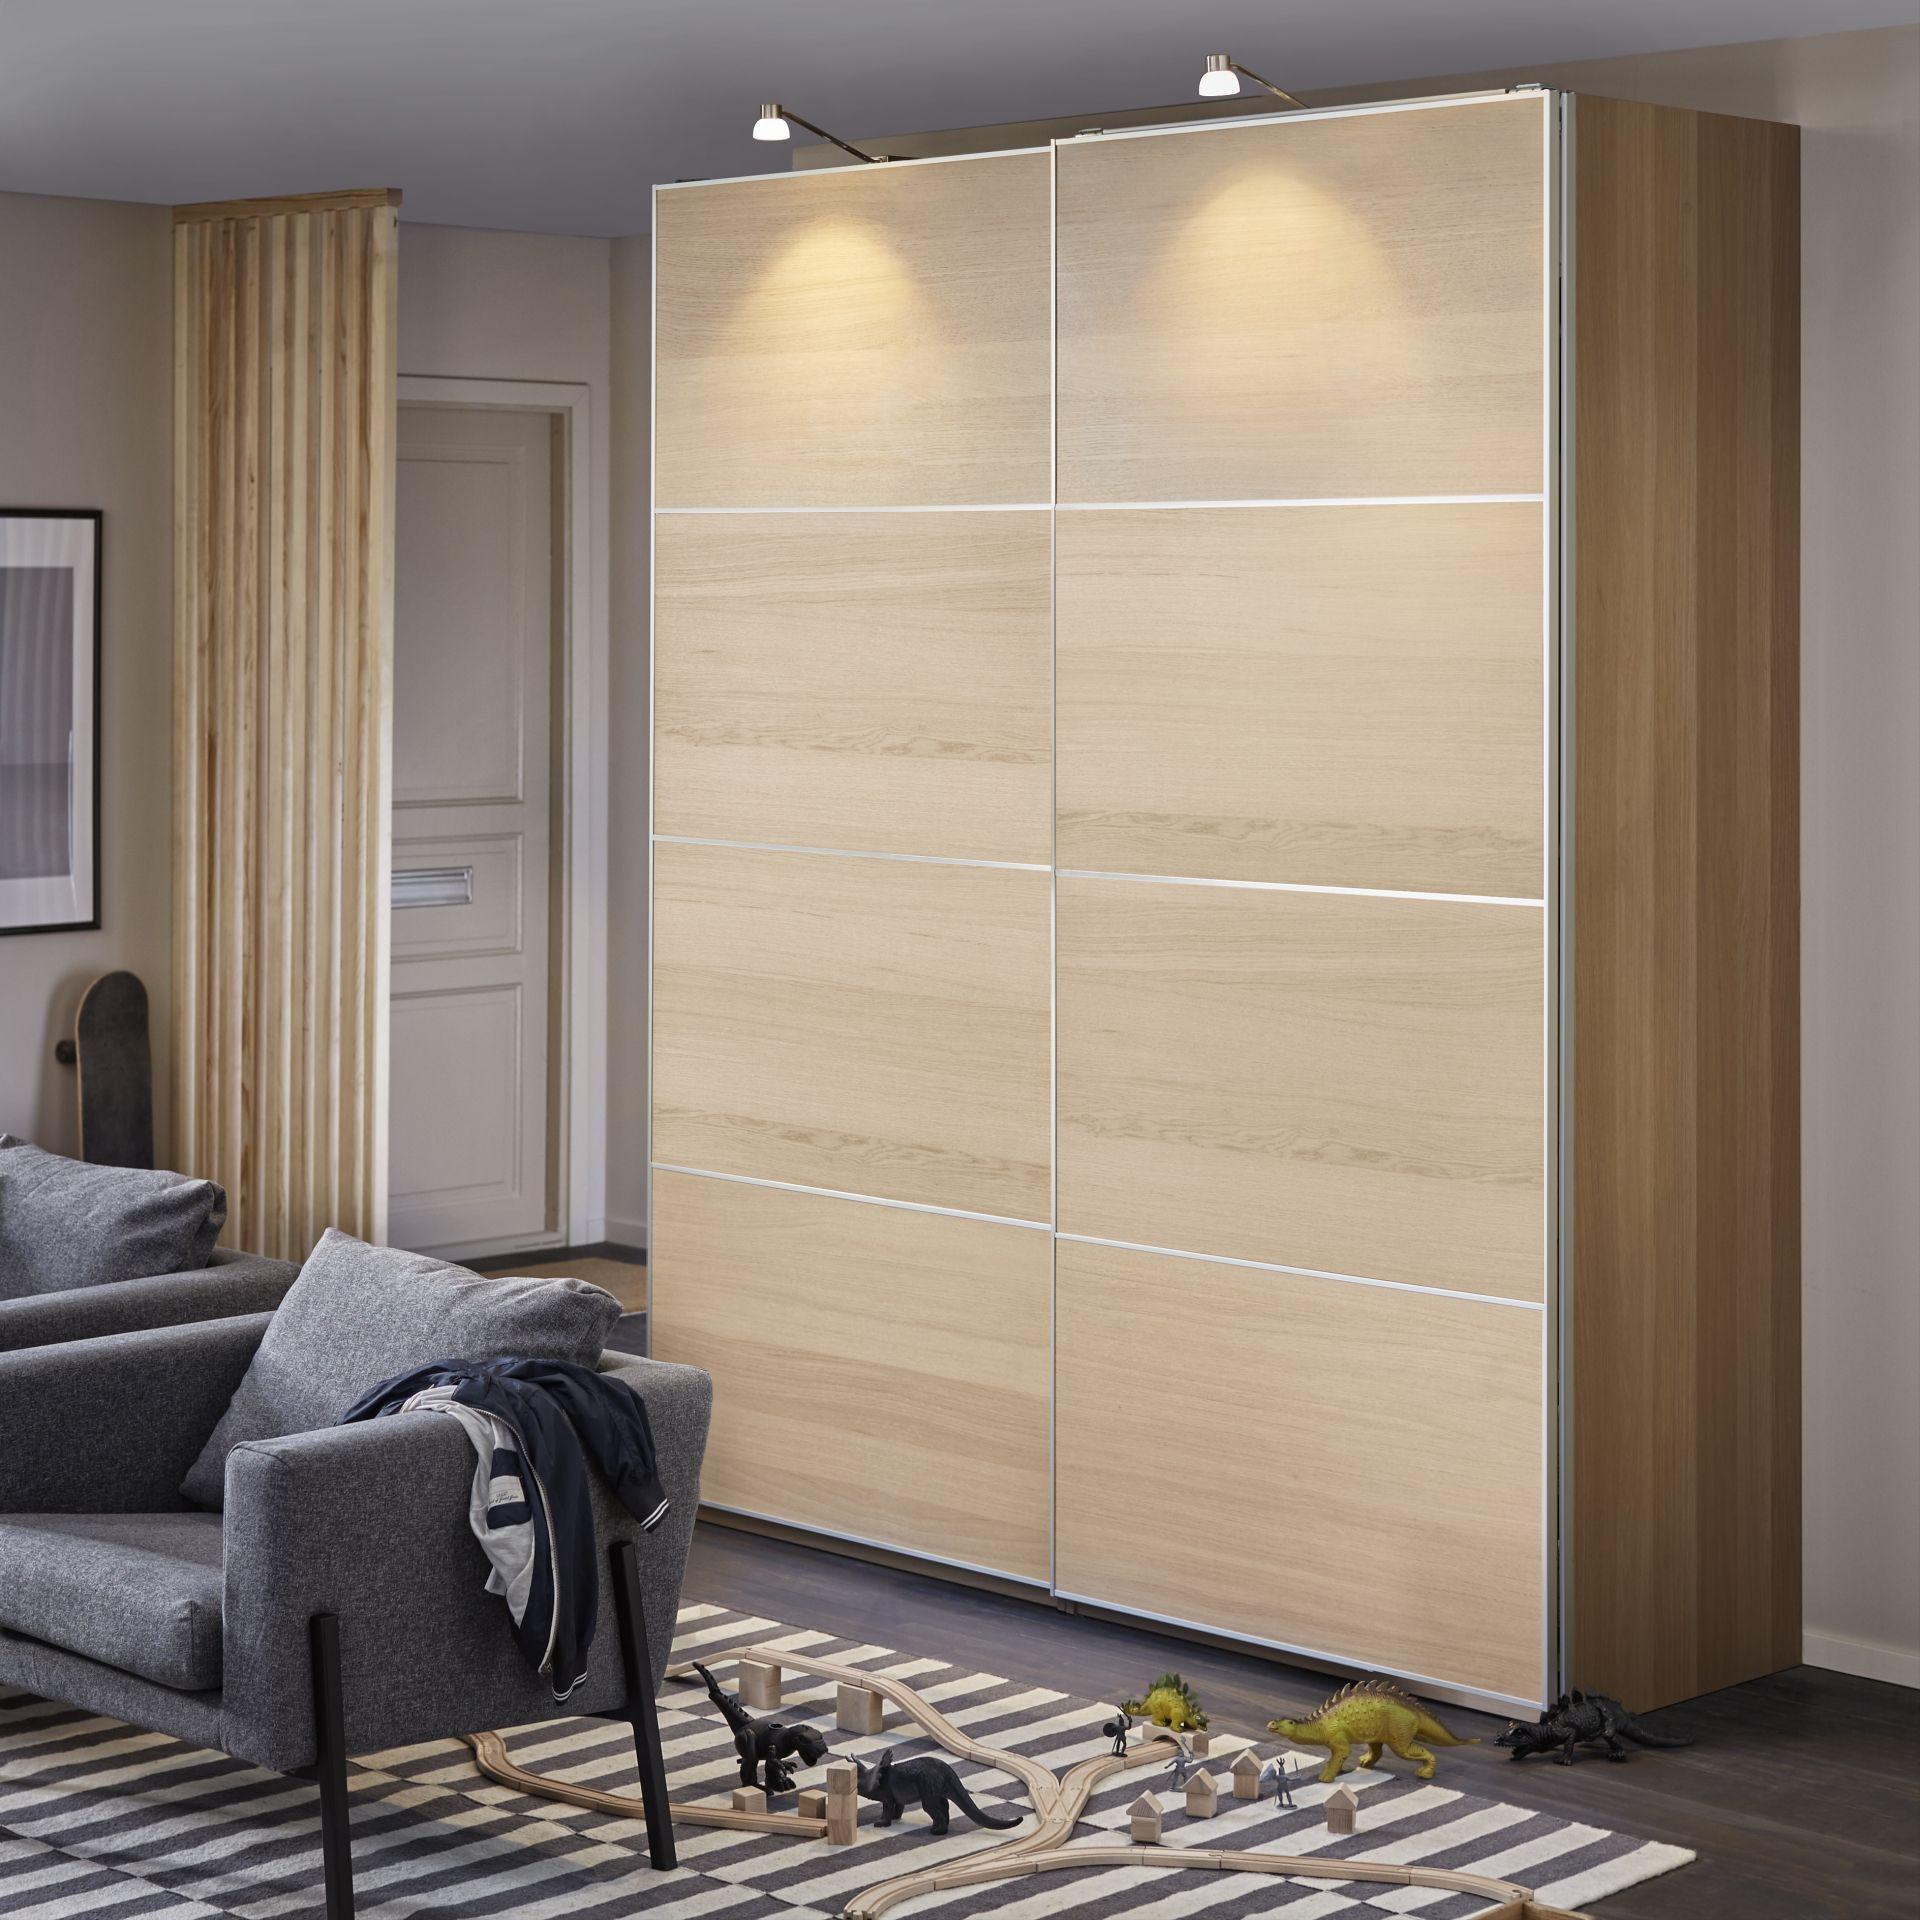 Pax Garderobekast Wit.Ikea Hangkast Stunning Kan Jij Iemand Opnoemen Die Geen Artikelen